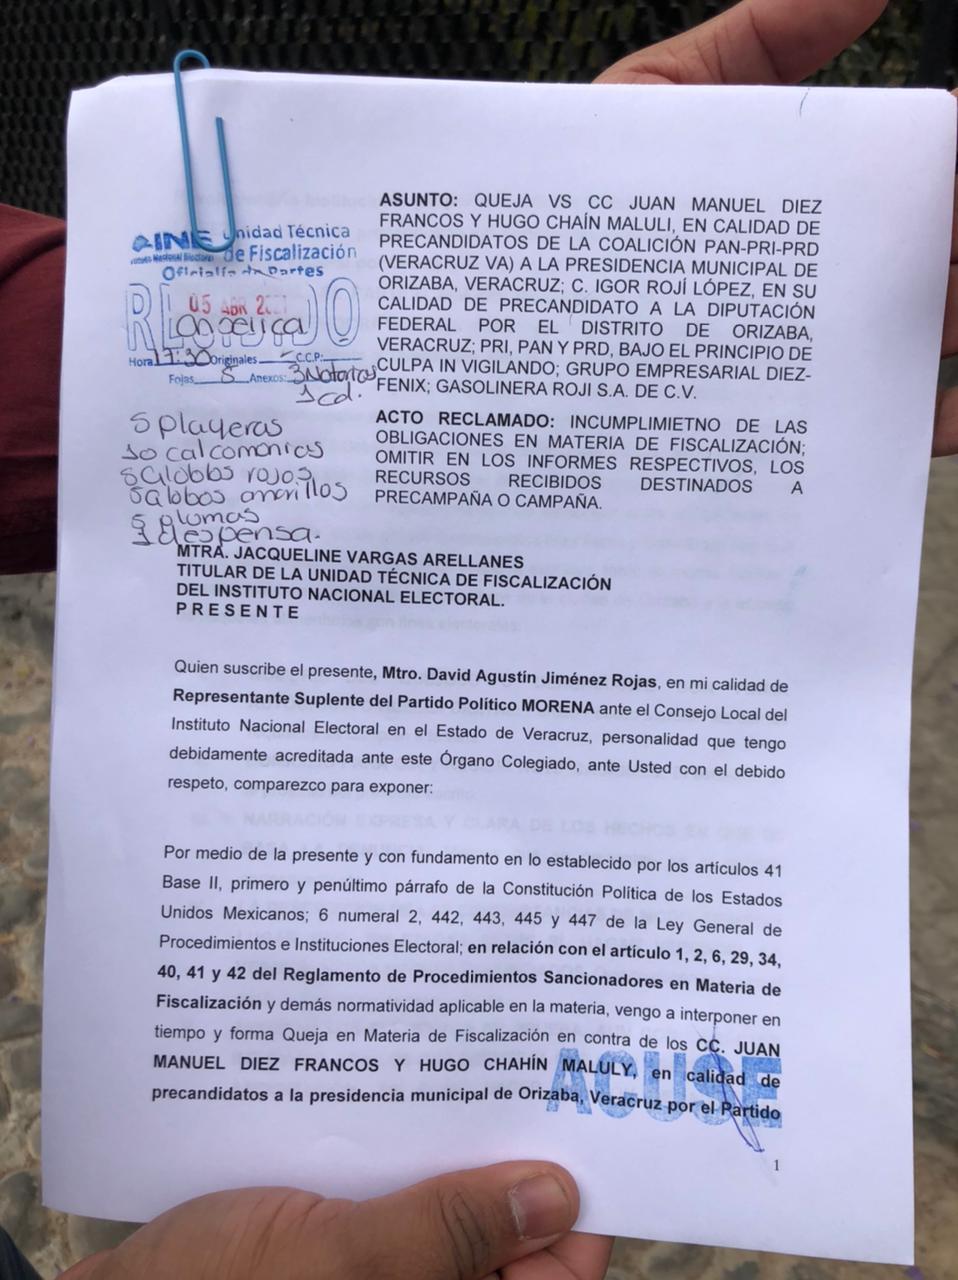 MORENA denuncia a Diez Francos e Igor Rojí por no reportar gastos de precampaña y campaña